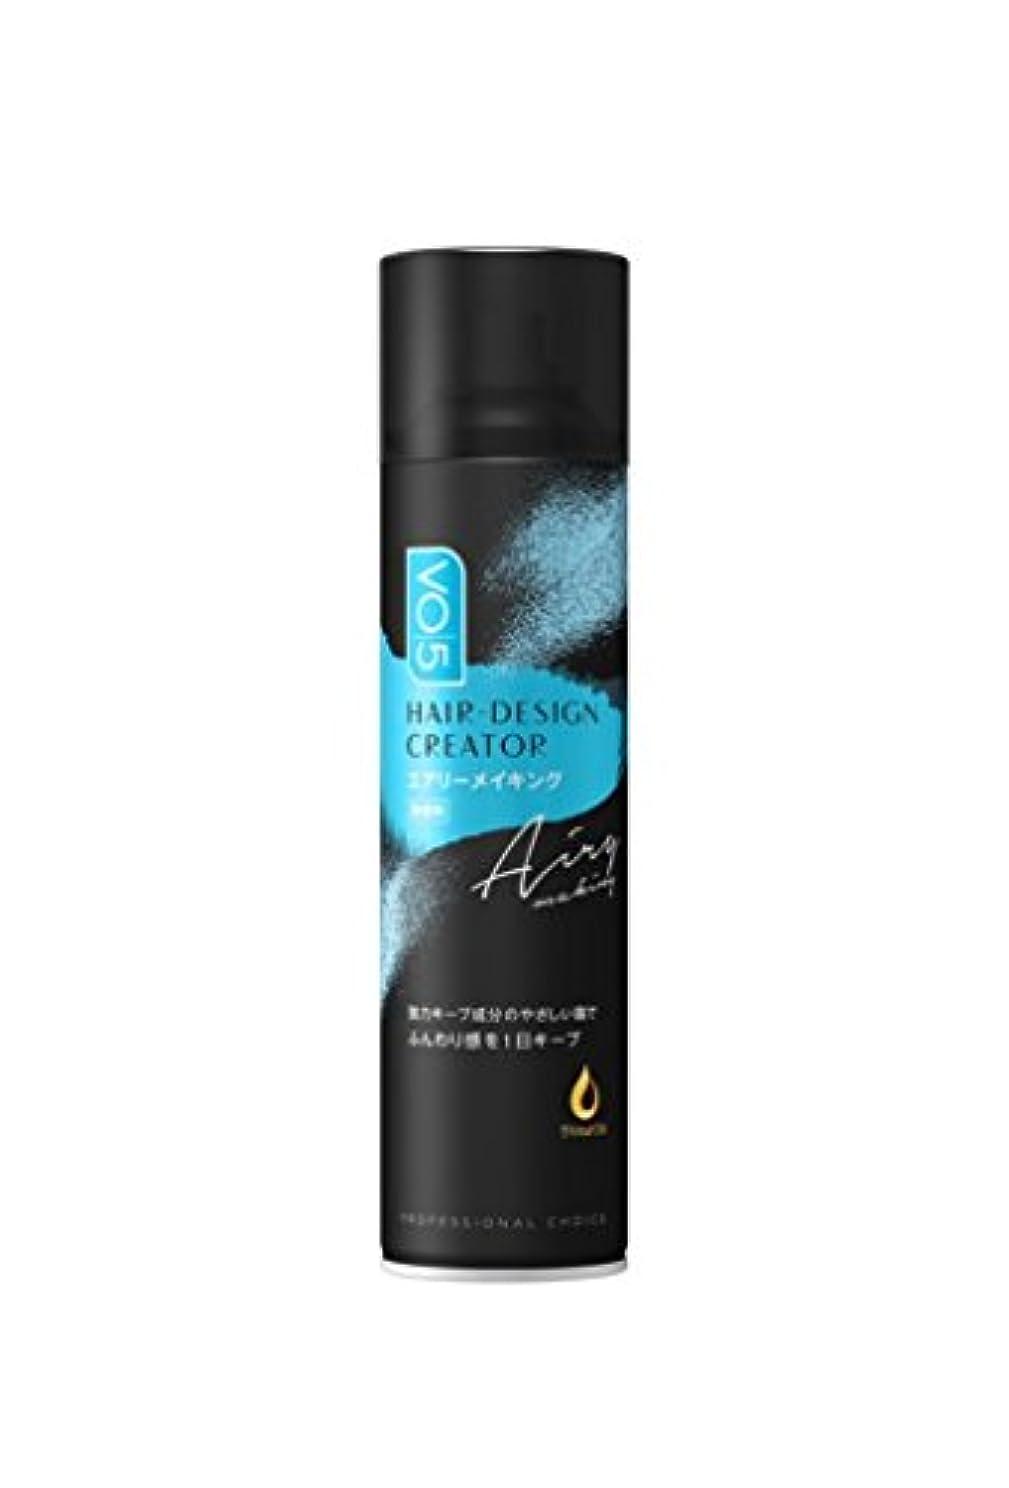 愛情寛容な孤独なVO5ヘアデザインクリエイター[エアリーメイキング]無香料160g